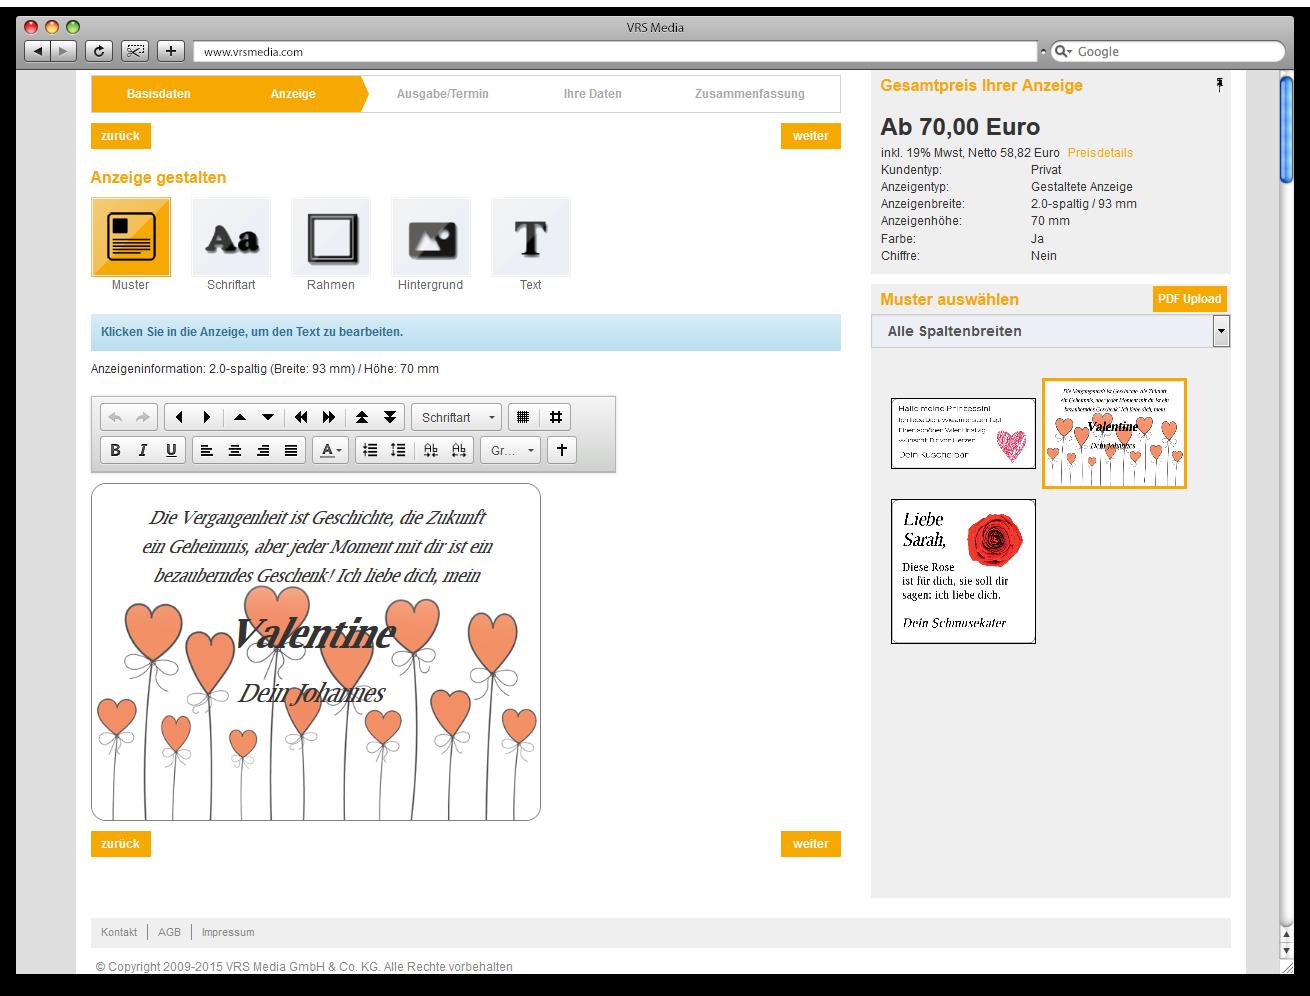 Screen VRS Media Glueckwunschportal, AdBooker Anzeigen-Aktionen